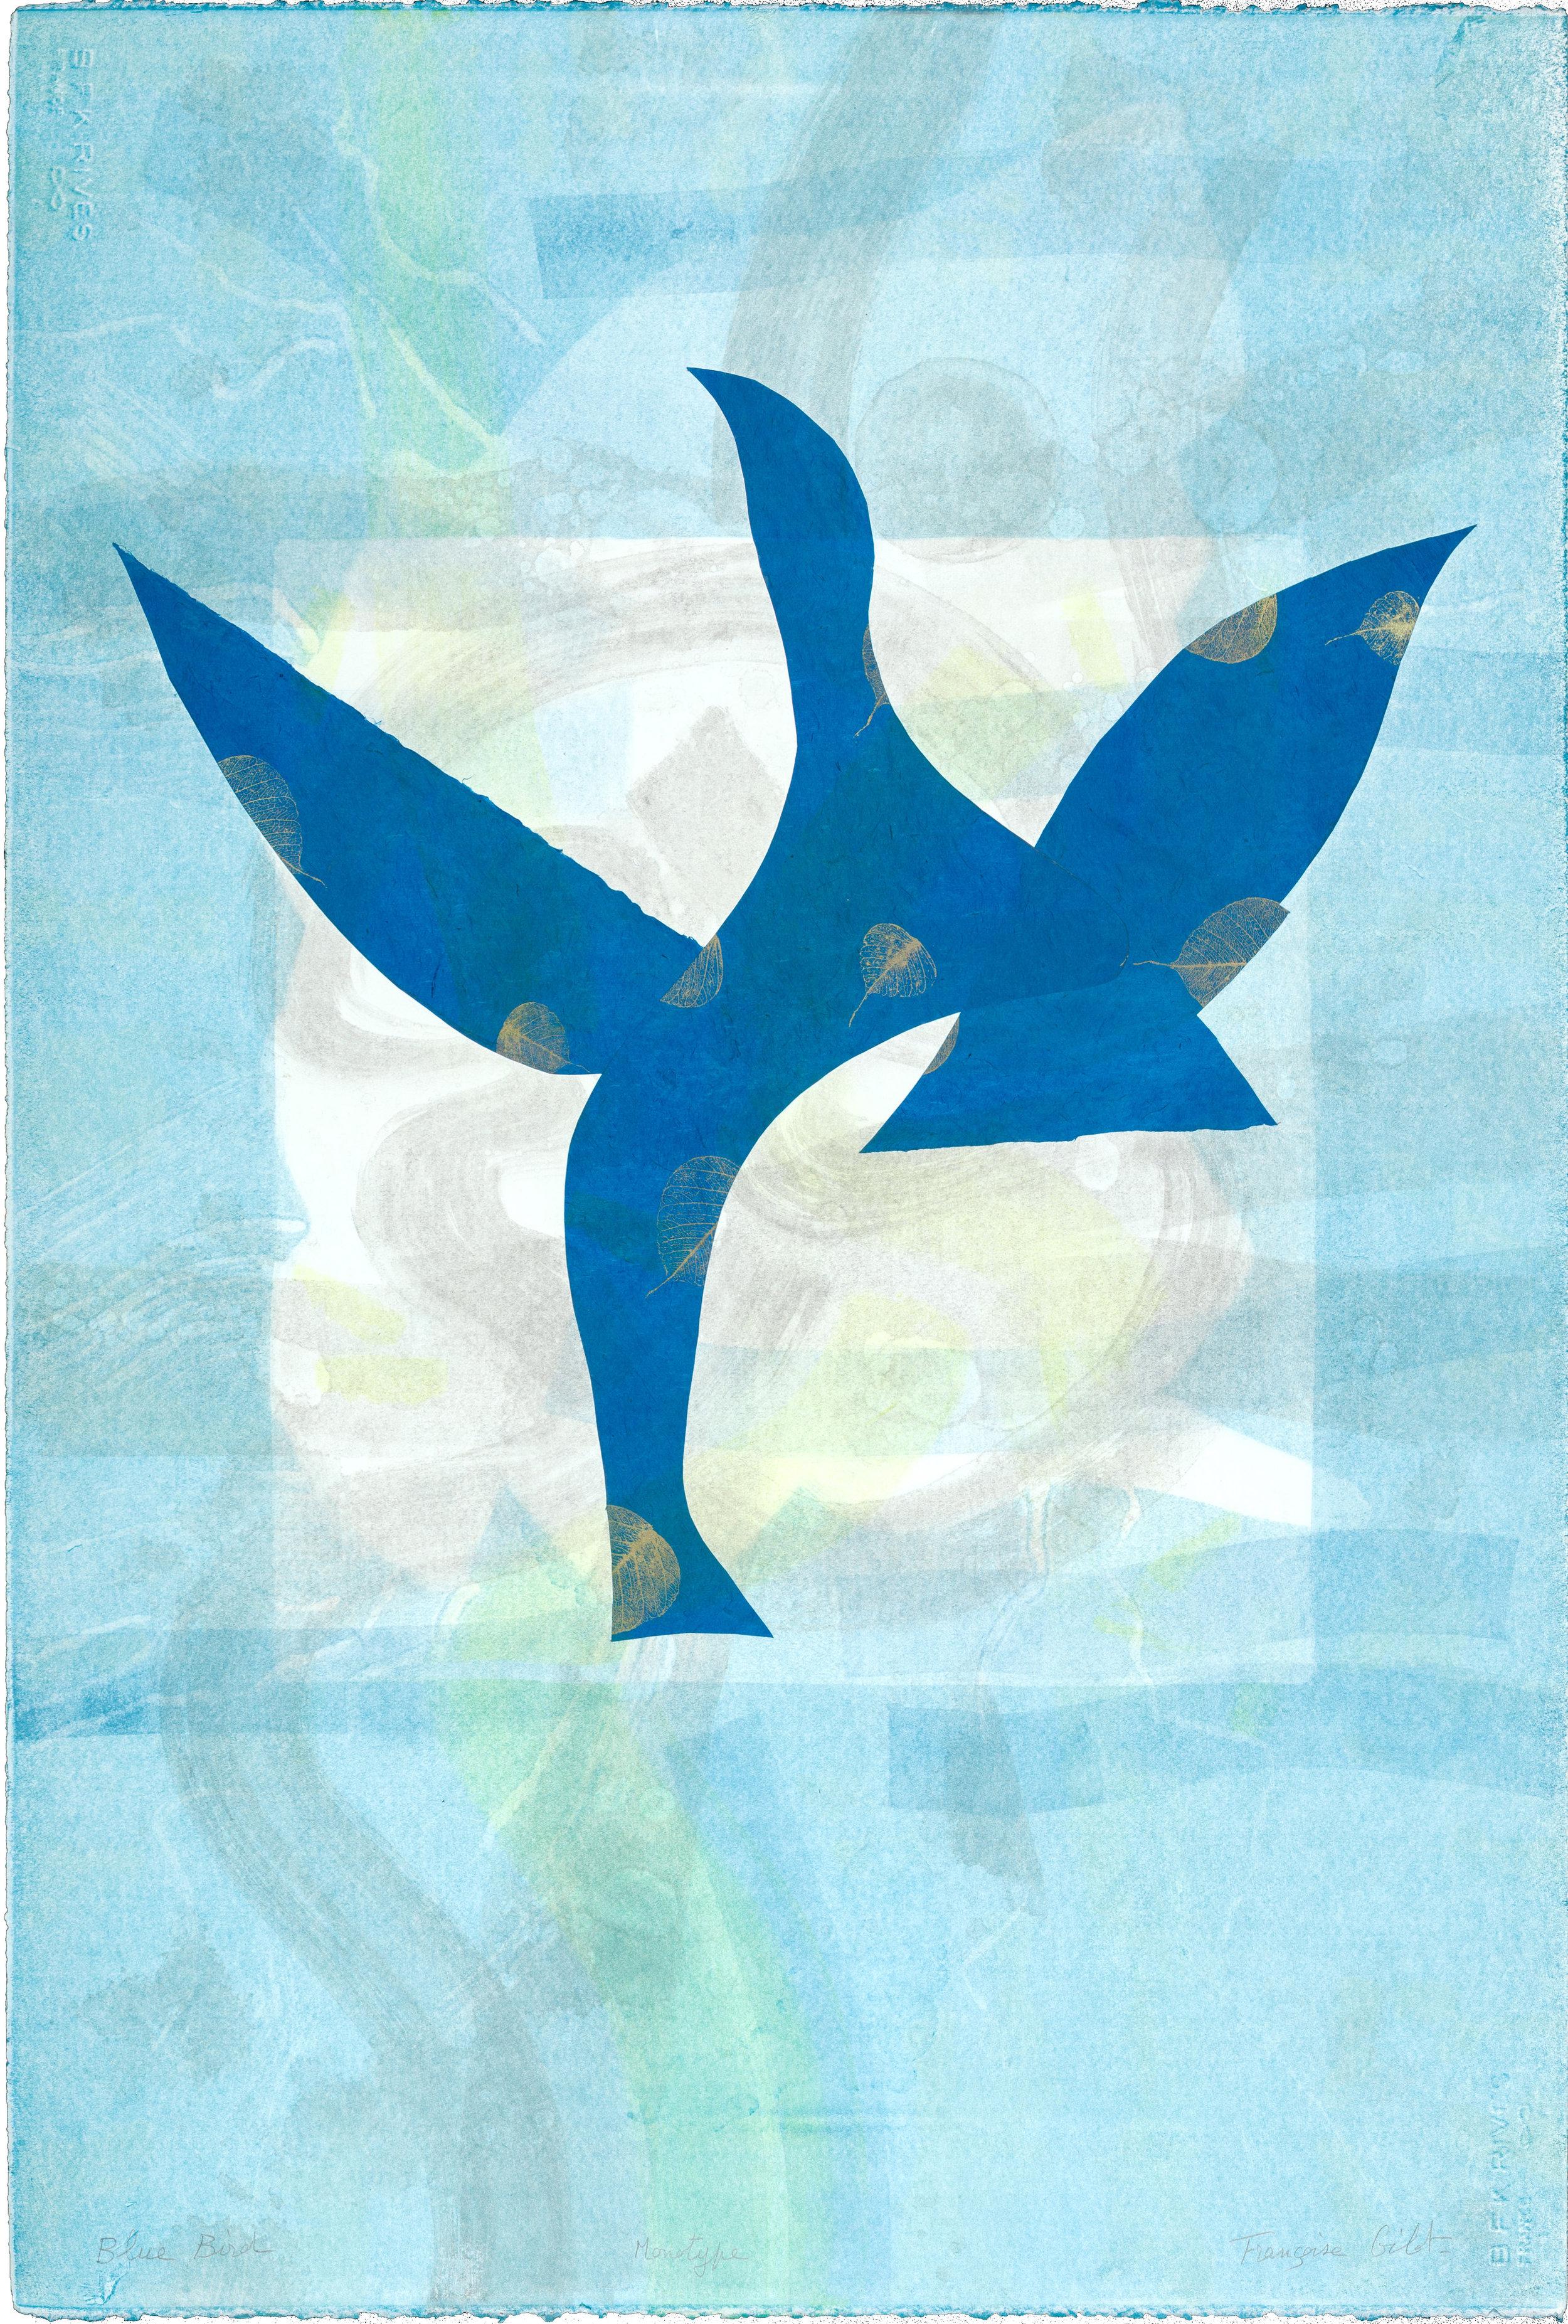 Blue Bird (2011)